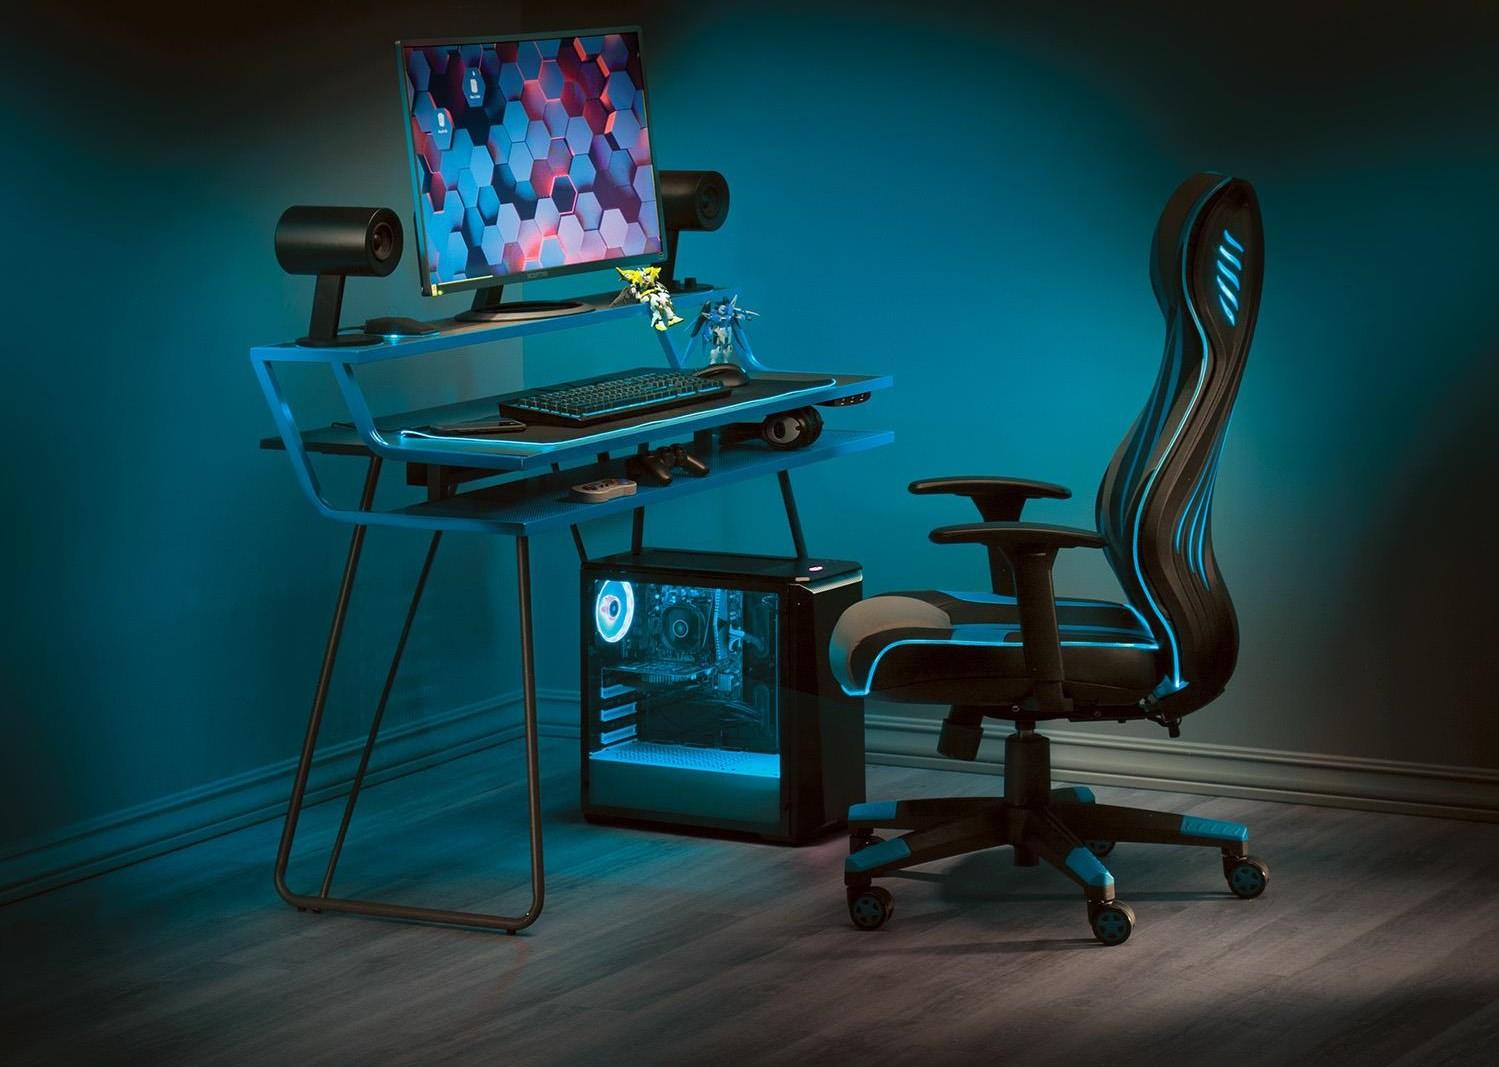 Gaming Desks Glitch Battlestation Gaming Desk by Office Star at Sam Levitz Outlet